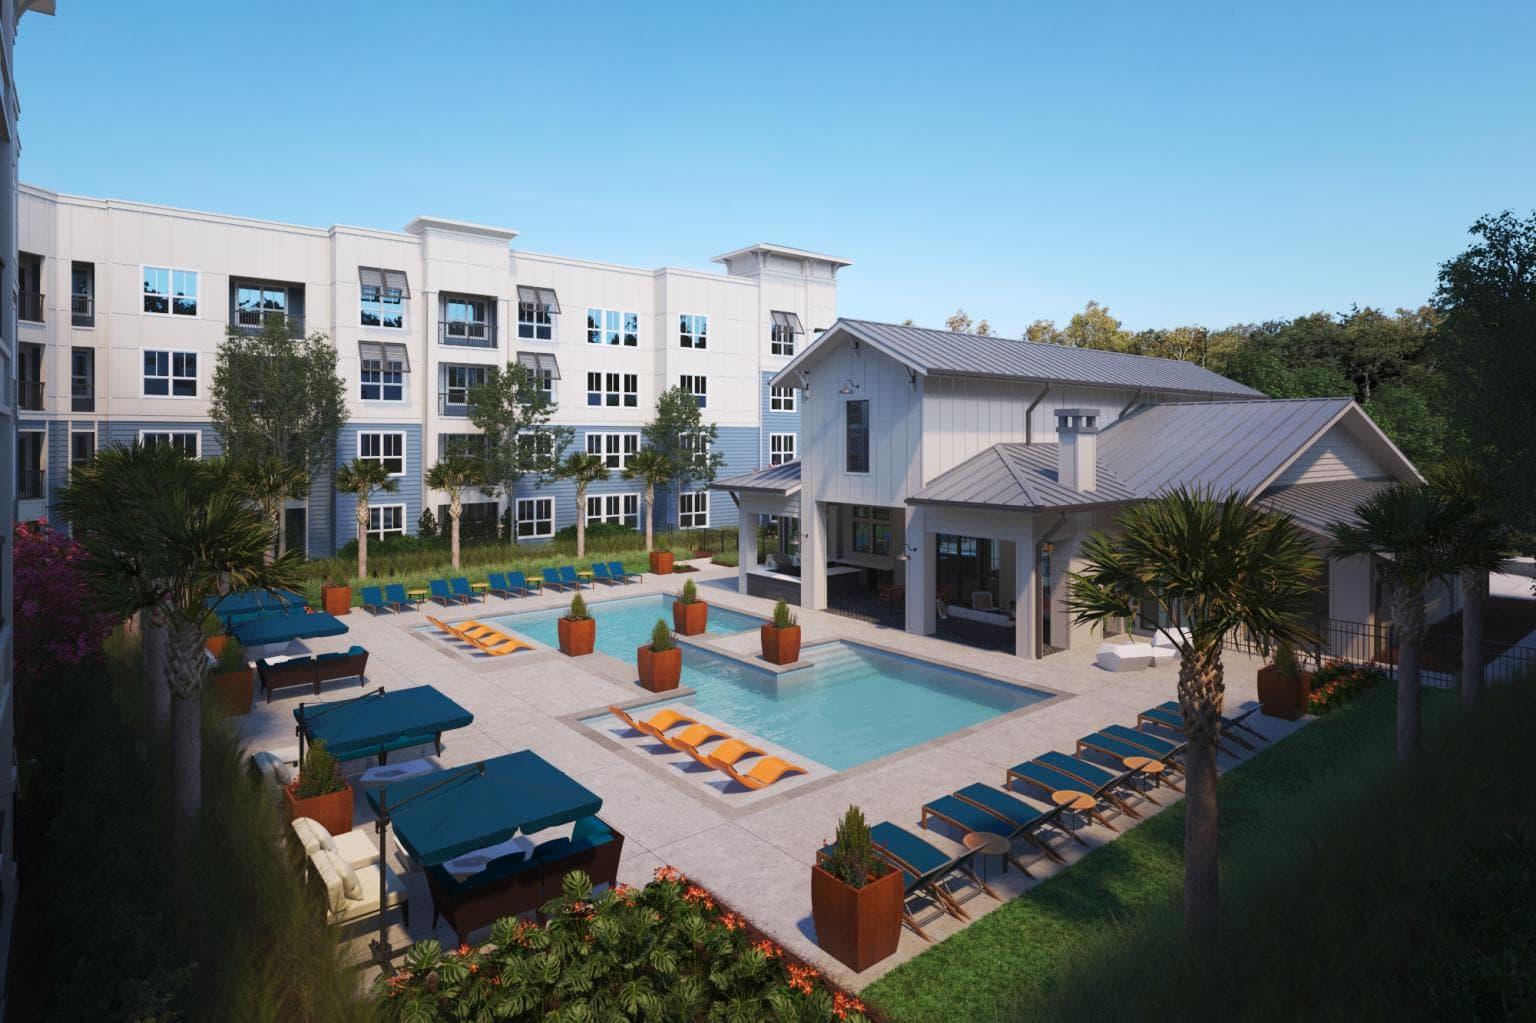 art mockup of apartment complex pool